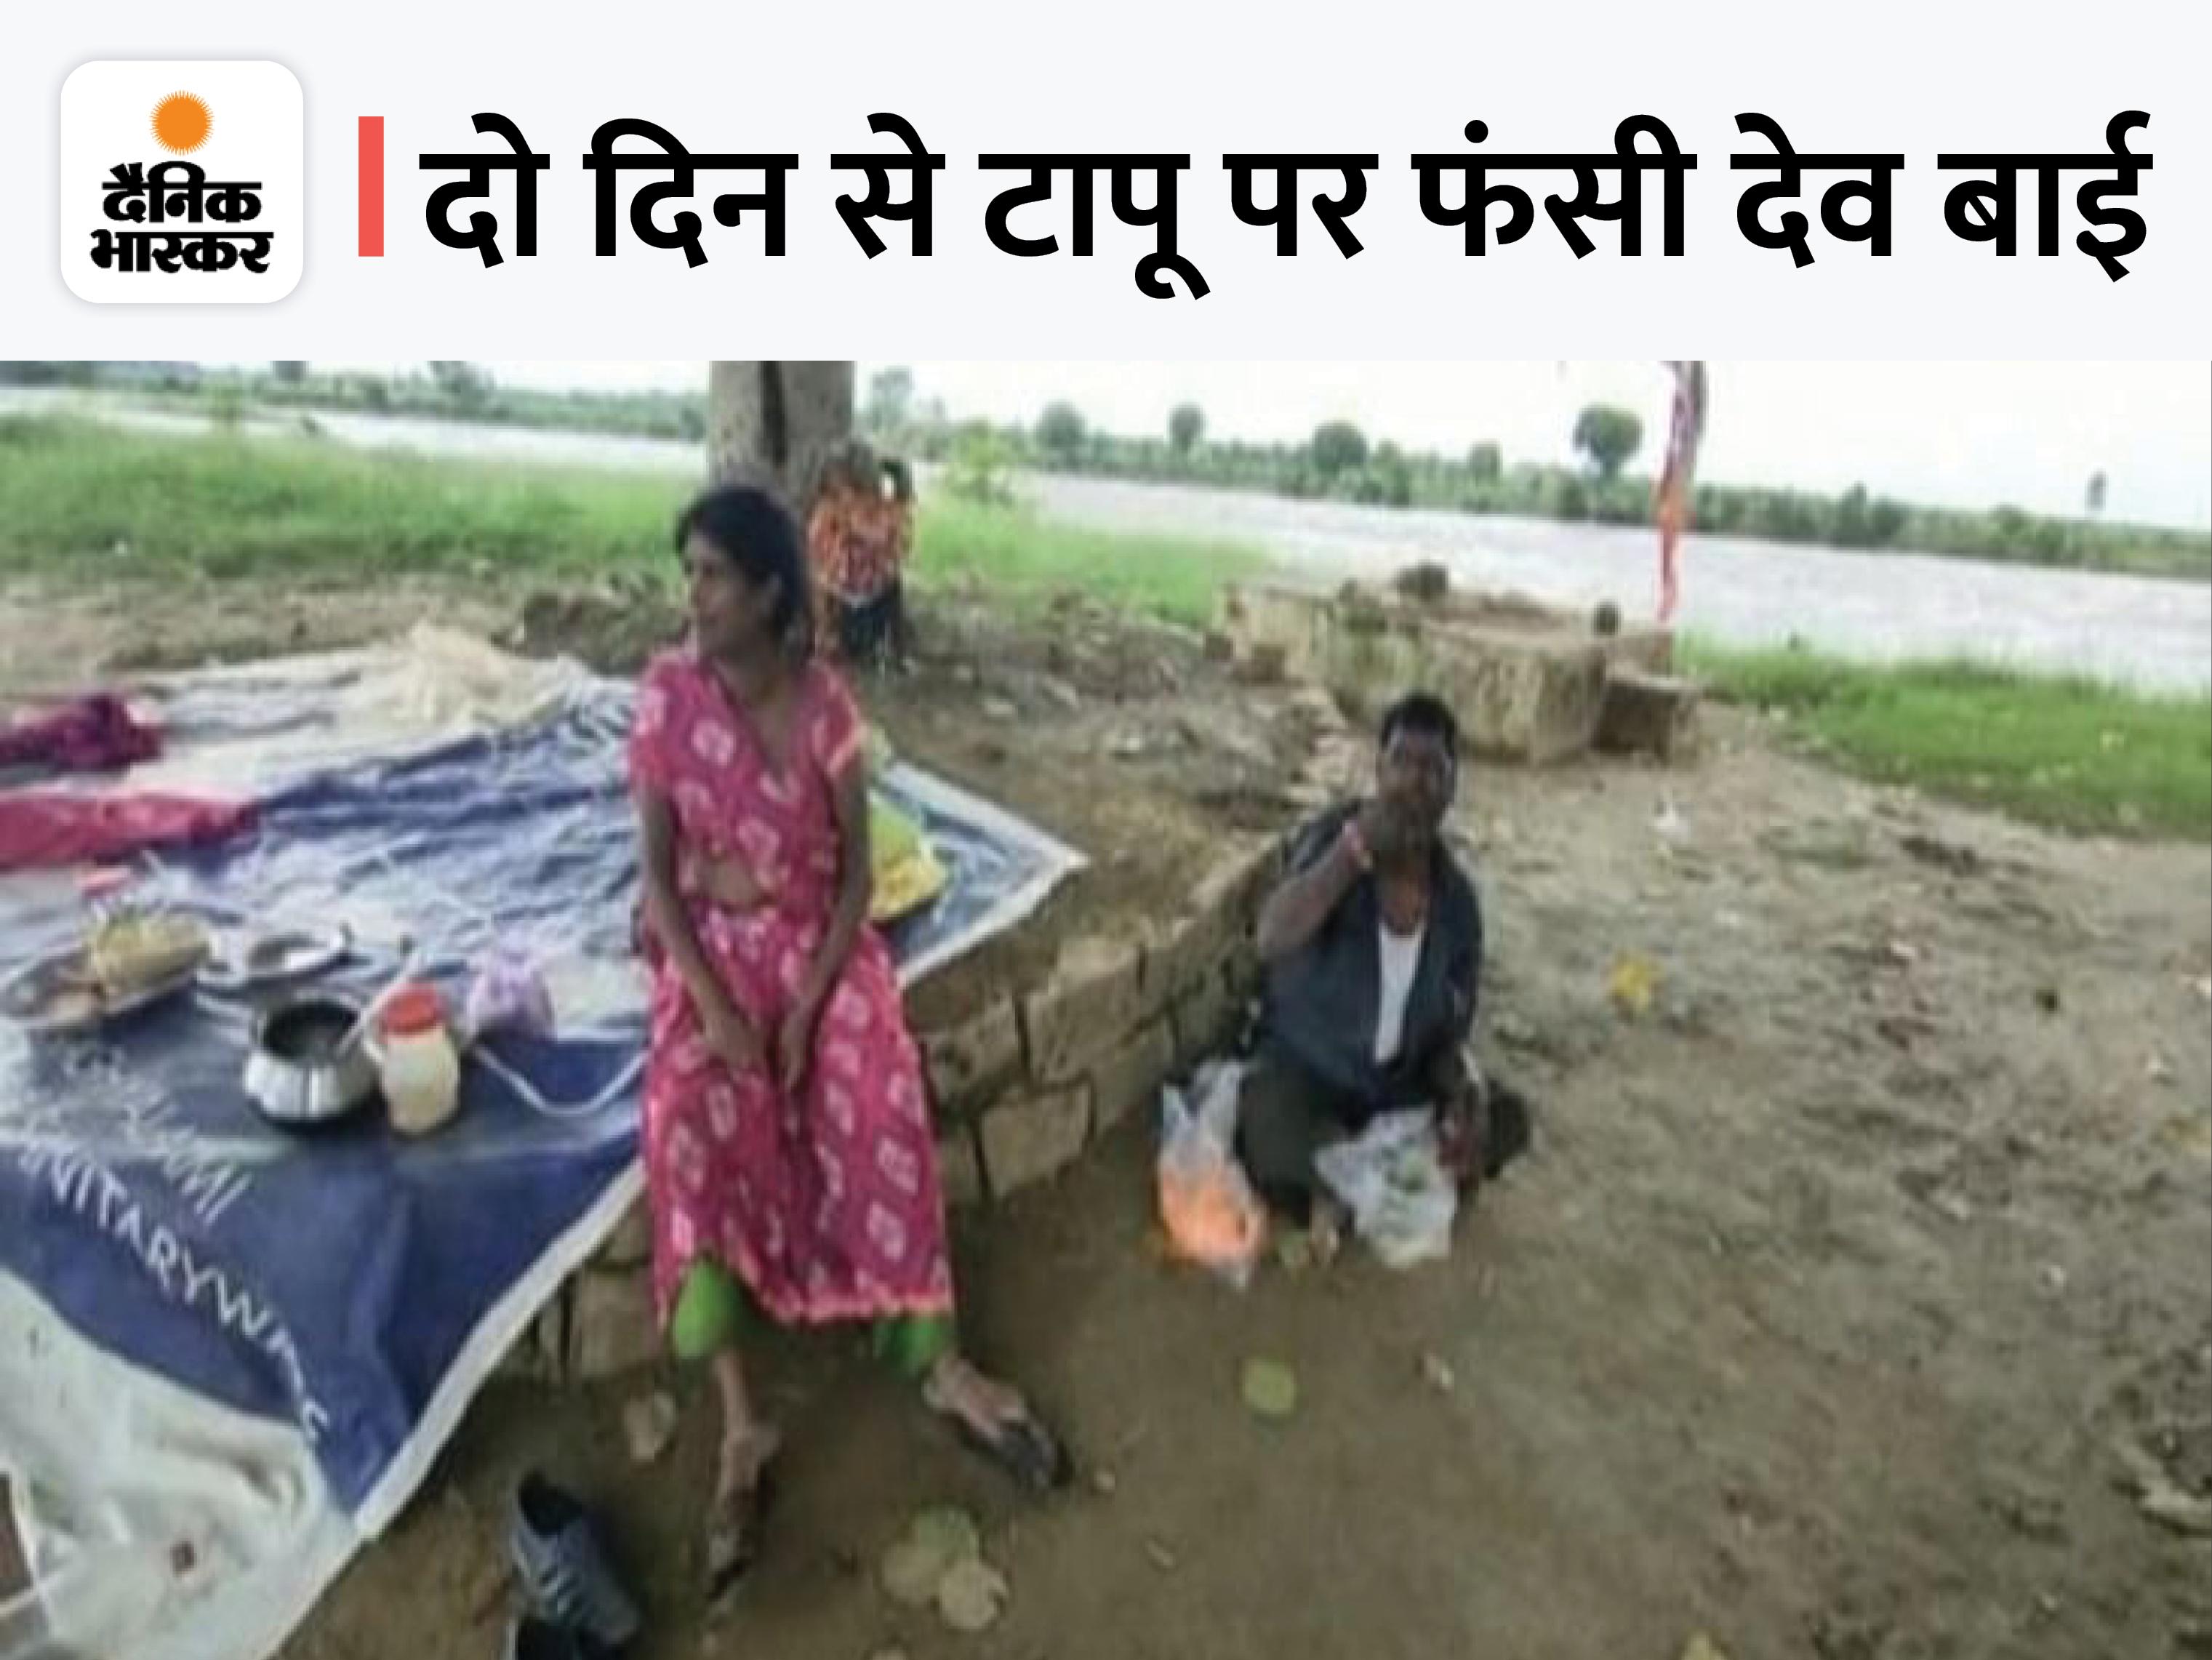 ऑटो छोड़कर जाने को तैयार नहीं हुई पत्नी, बोली- घरवाला 1kg आटा और सेव लाया है, काम चल जाएगा|शिवपुरी,Shivpuri - Dainik Bhaskar